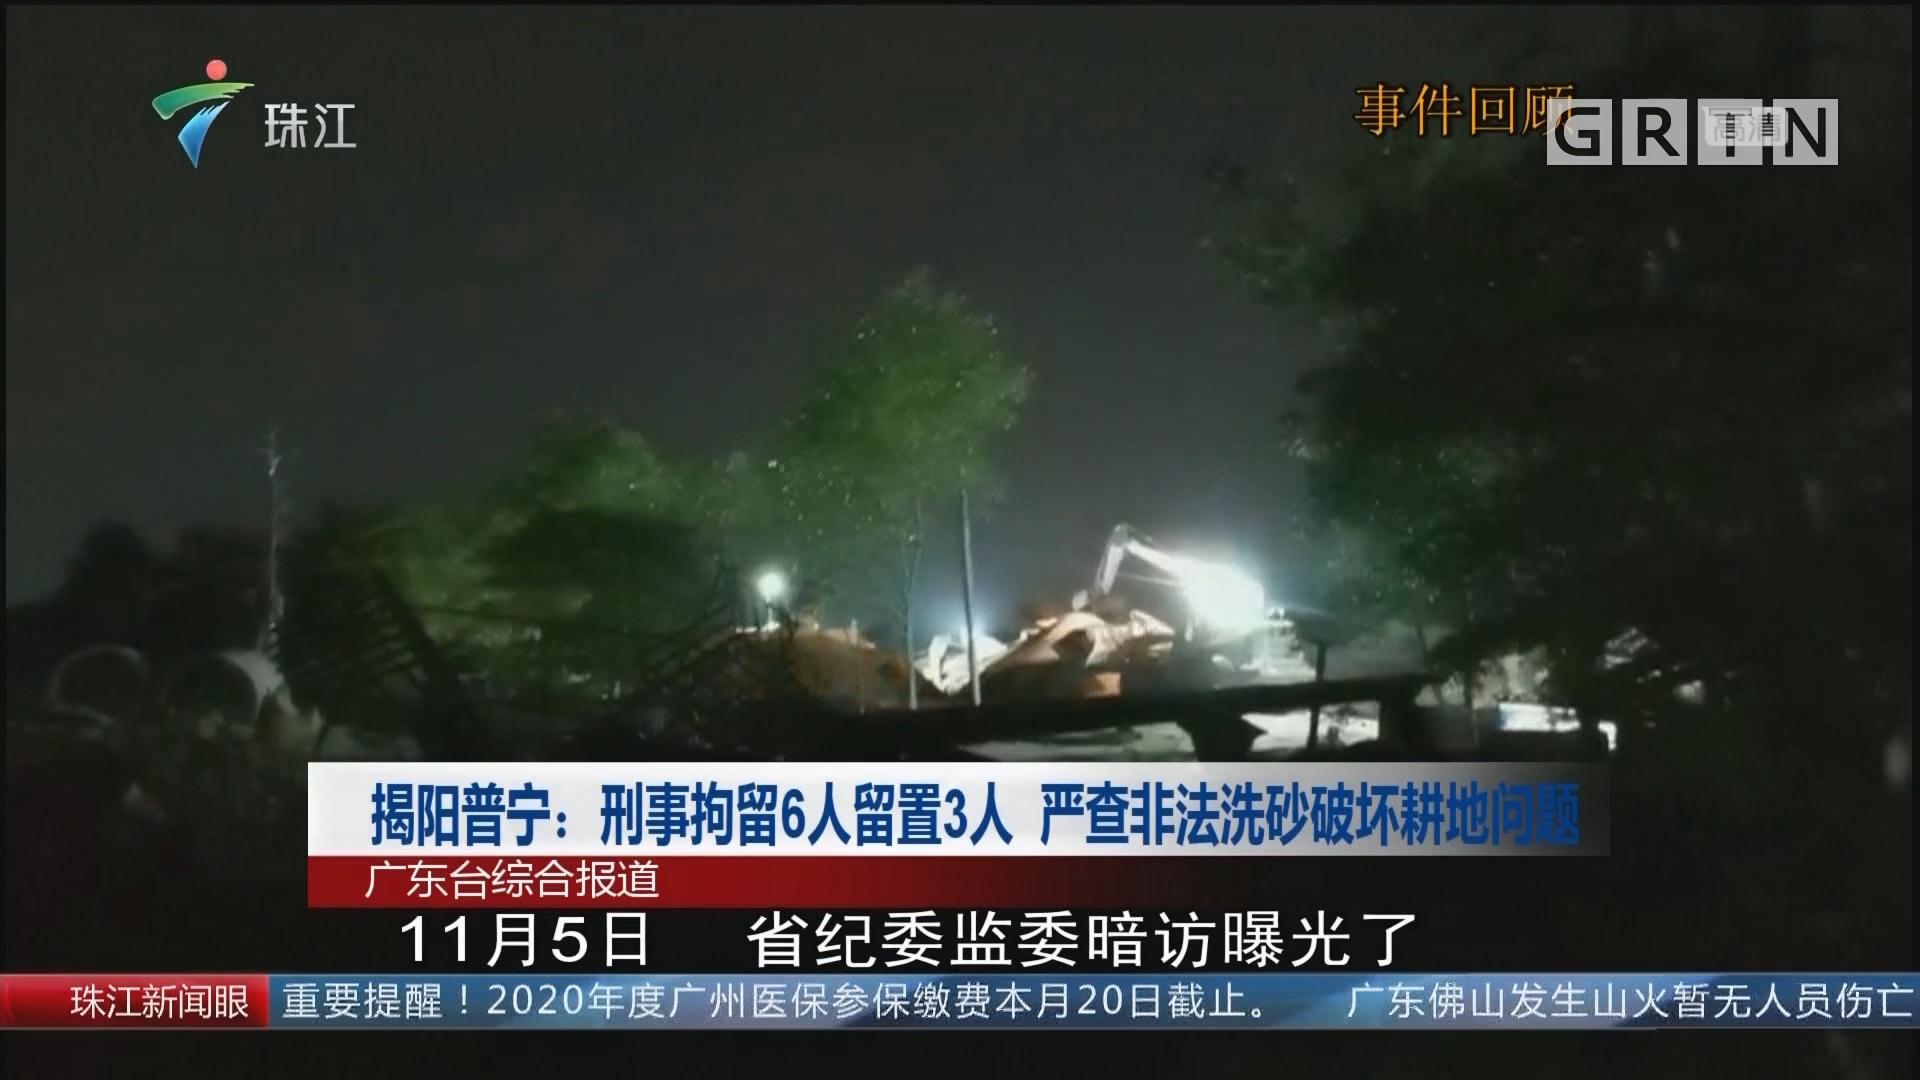 揭阳普宁:刑事拘留6人留置3人 严查非法洗砂破坏耕地问题